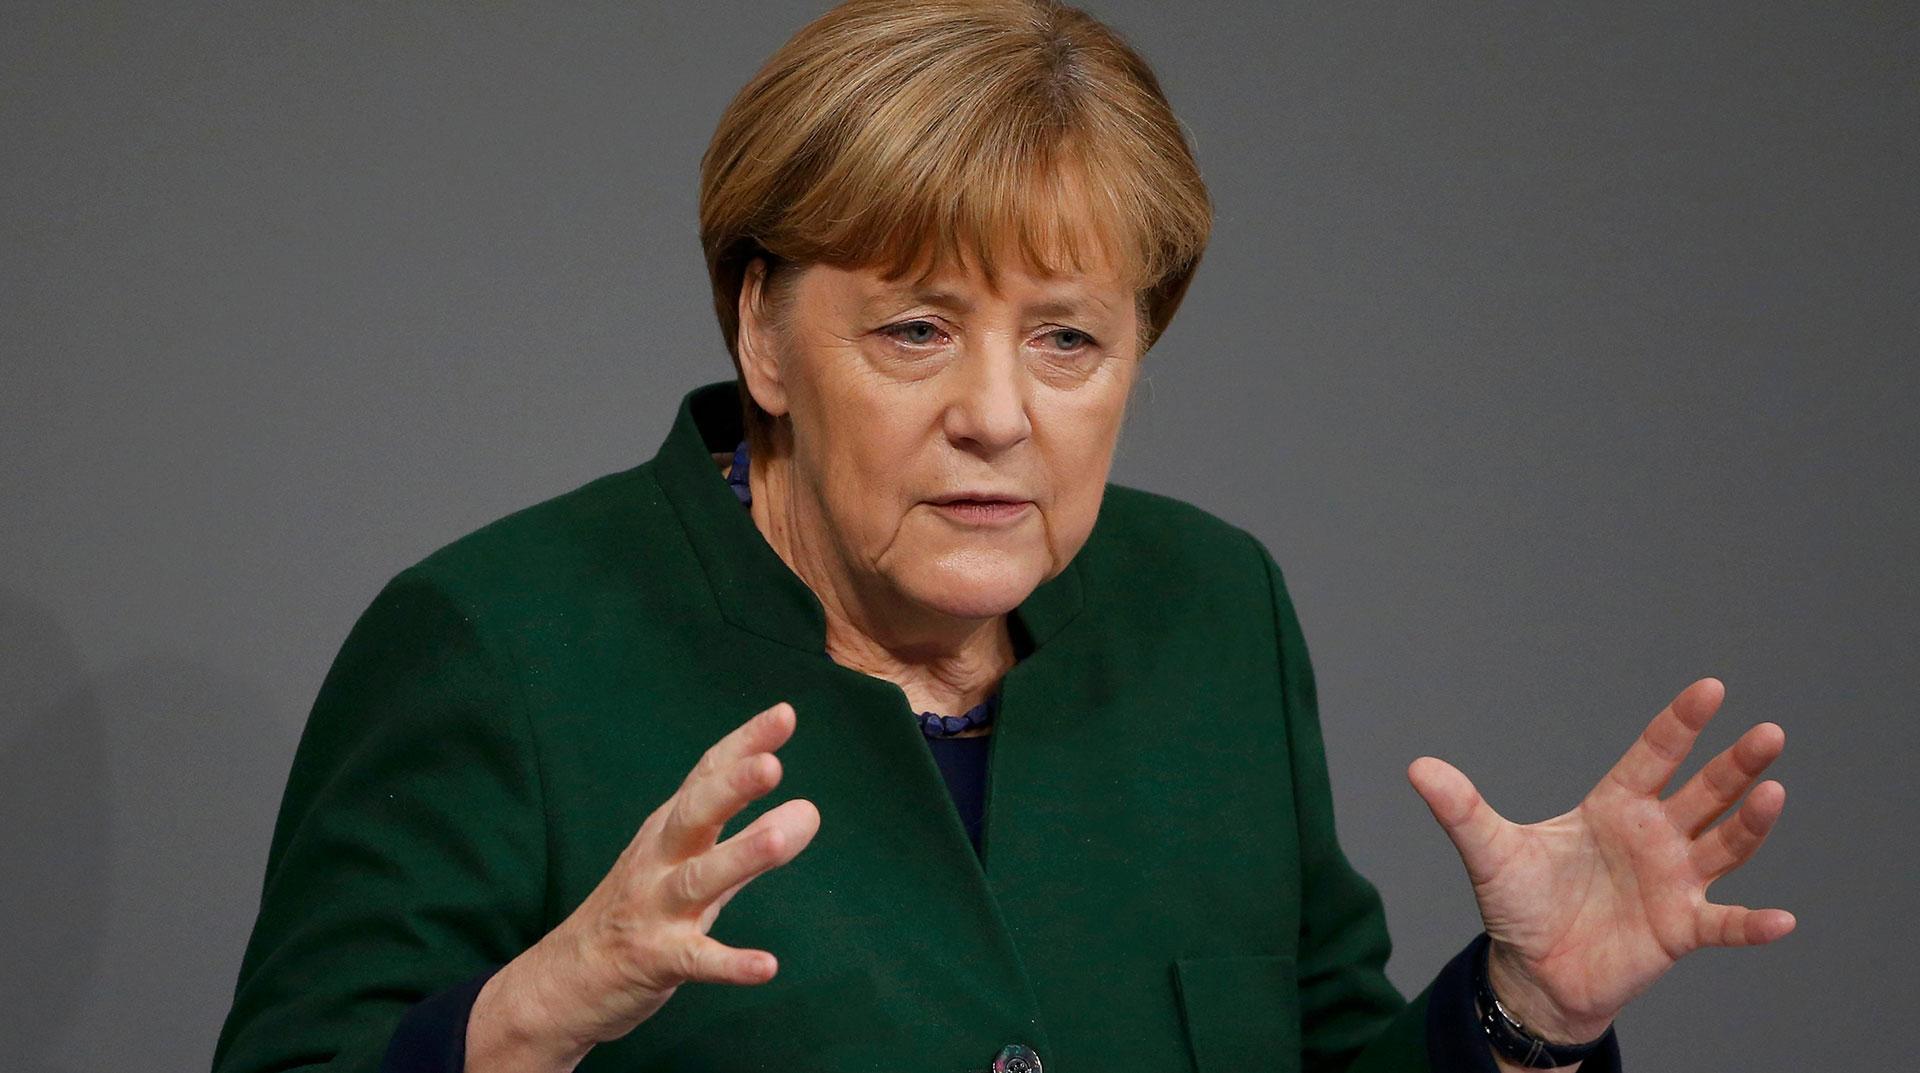 Merkel: Almanya'daki yurttaşların yüzde 60 ila 70'ine virüs bulaşacak